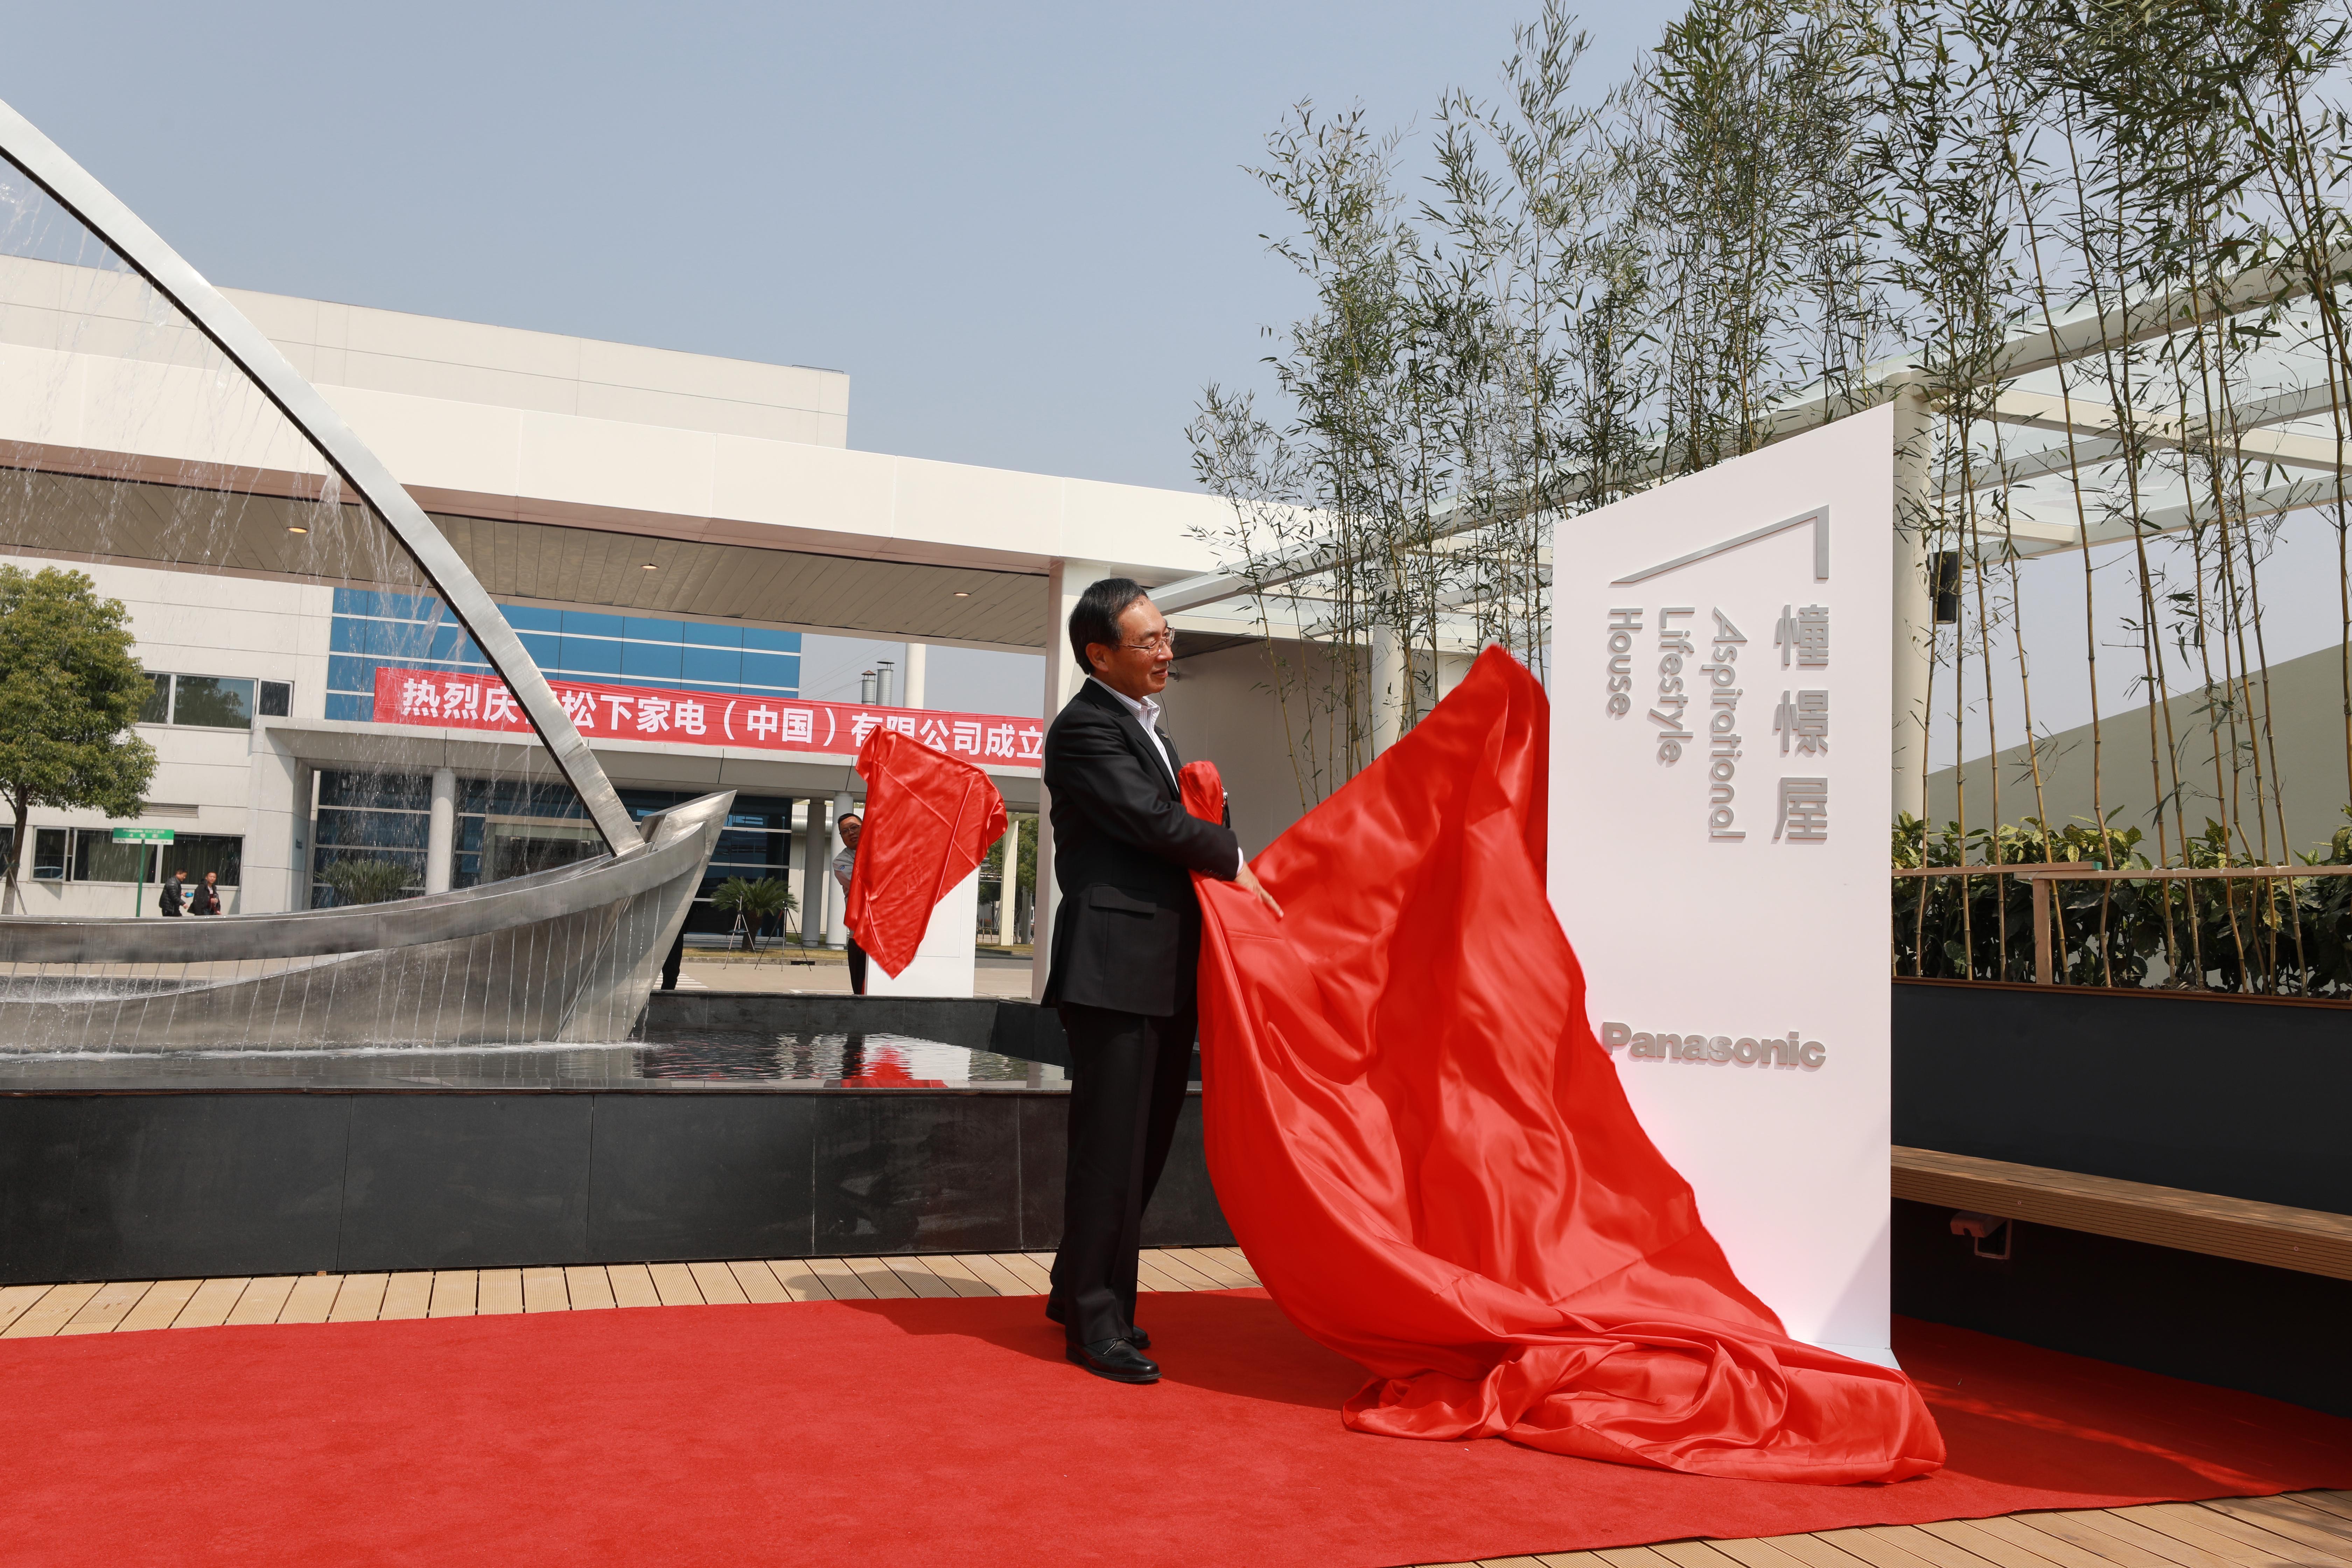 photo: Kazuhiro Tsuga, President of Panasonic Corporation at the opening ceremony of panasonic's aspirational lifestyle house in hangzhou